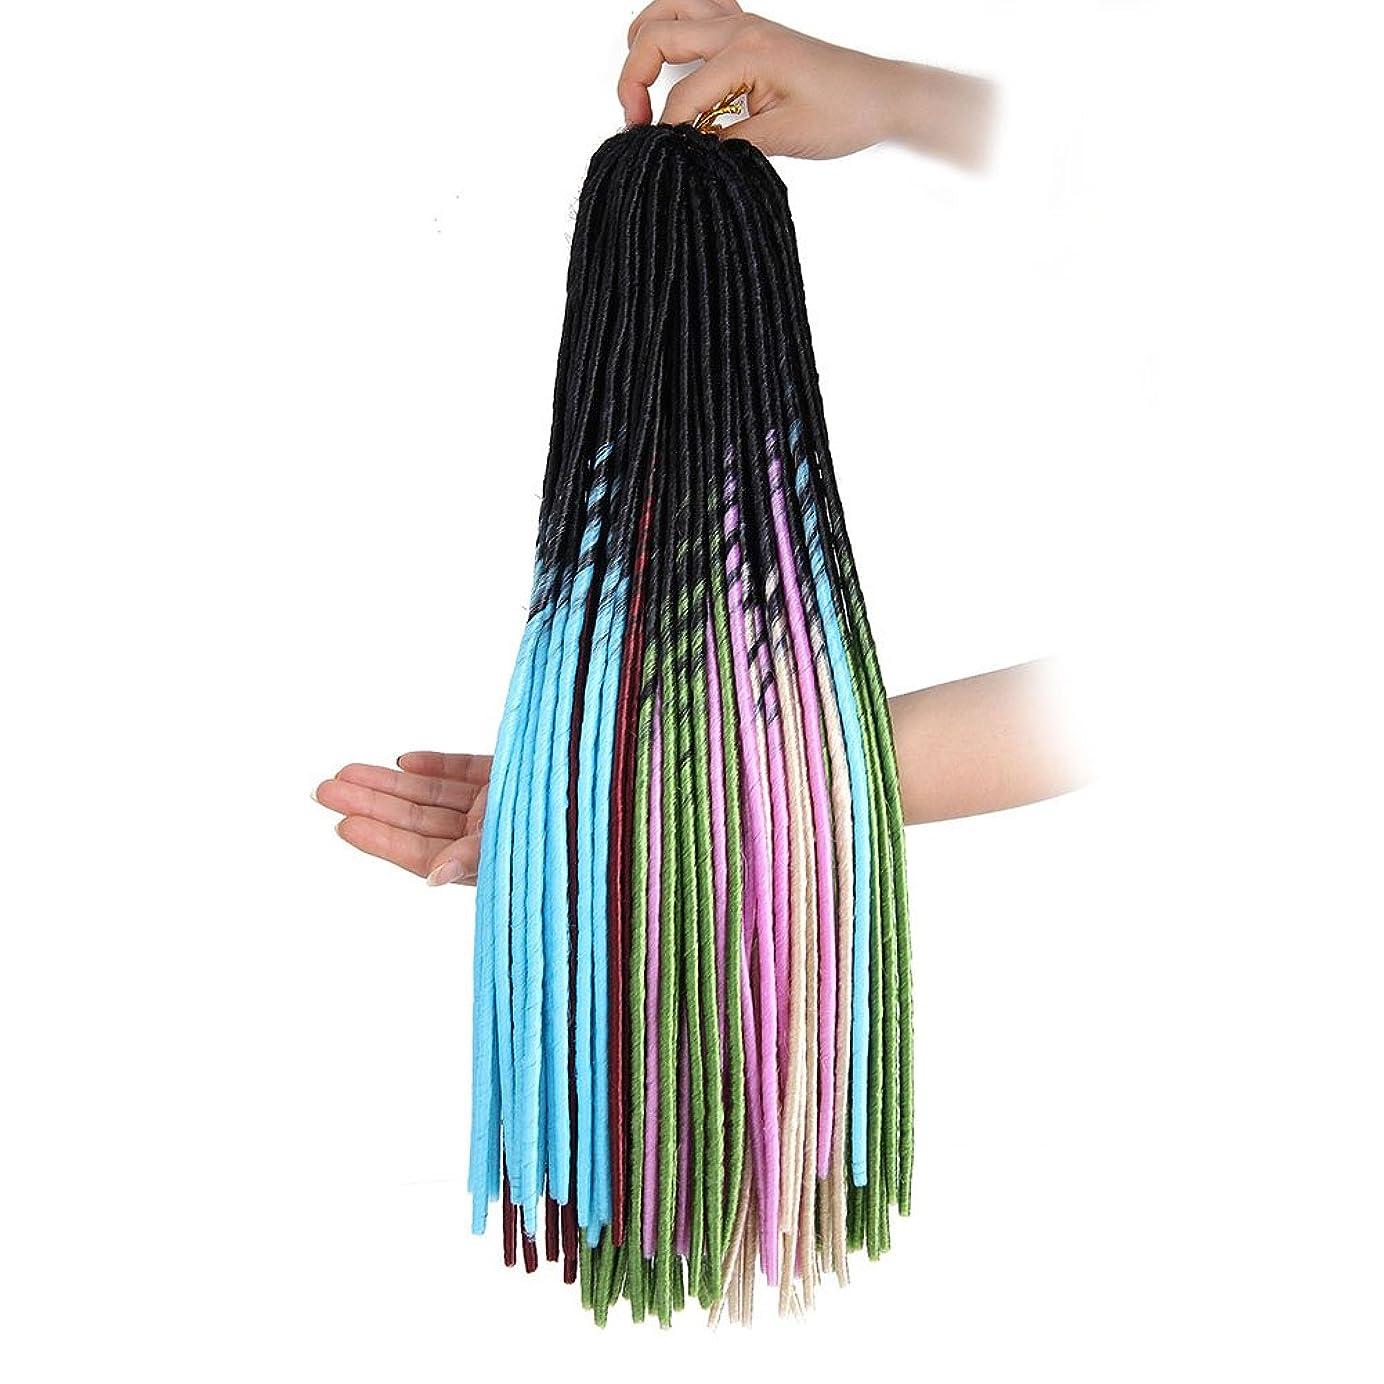 イヤホンまどろみのある薬を飲むウィッグウィッググラデーション編組編組黒根自然な柔らかい髪の人工